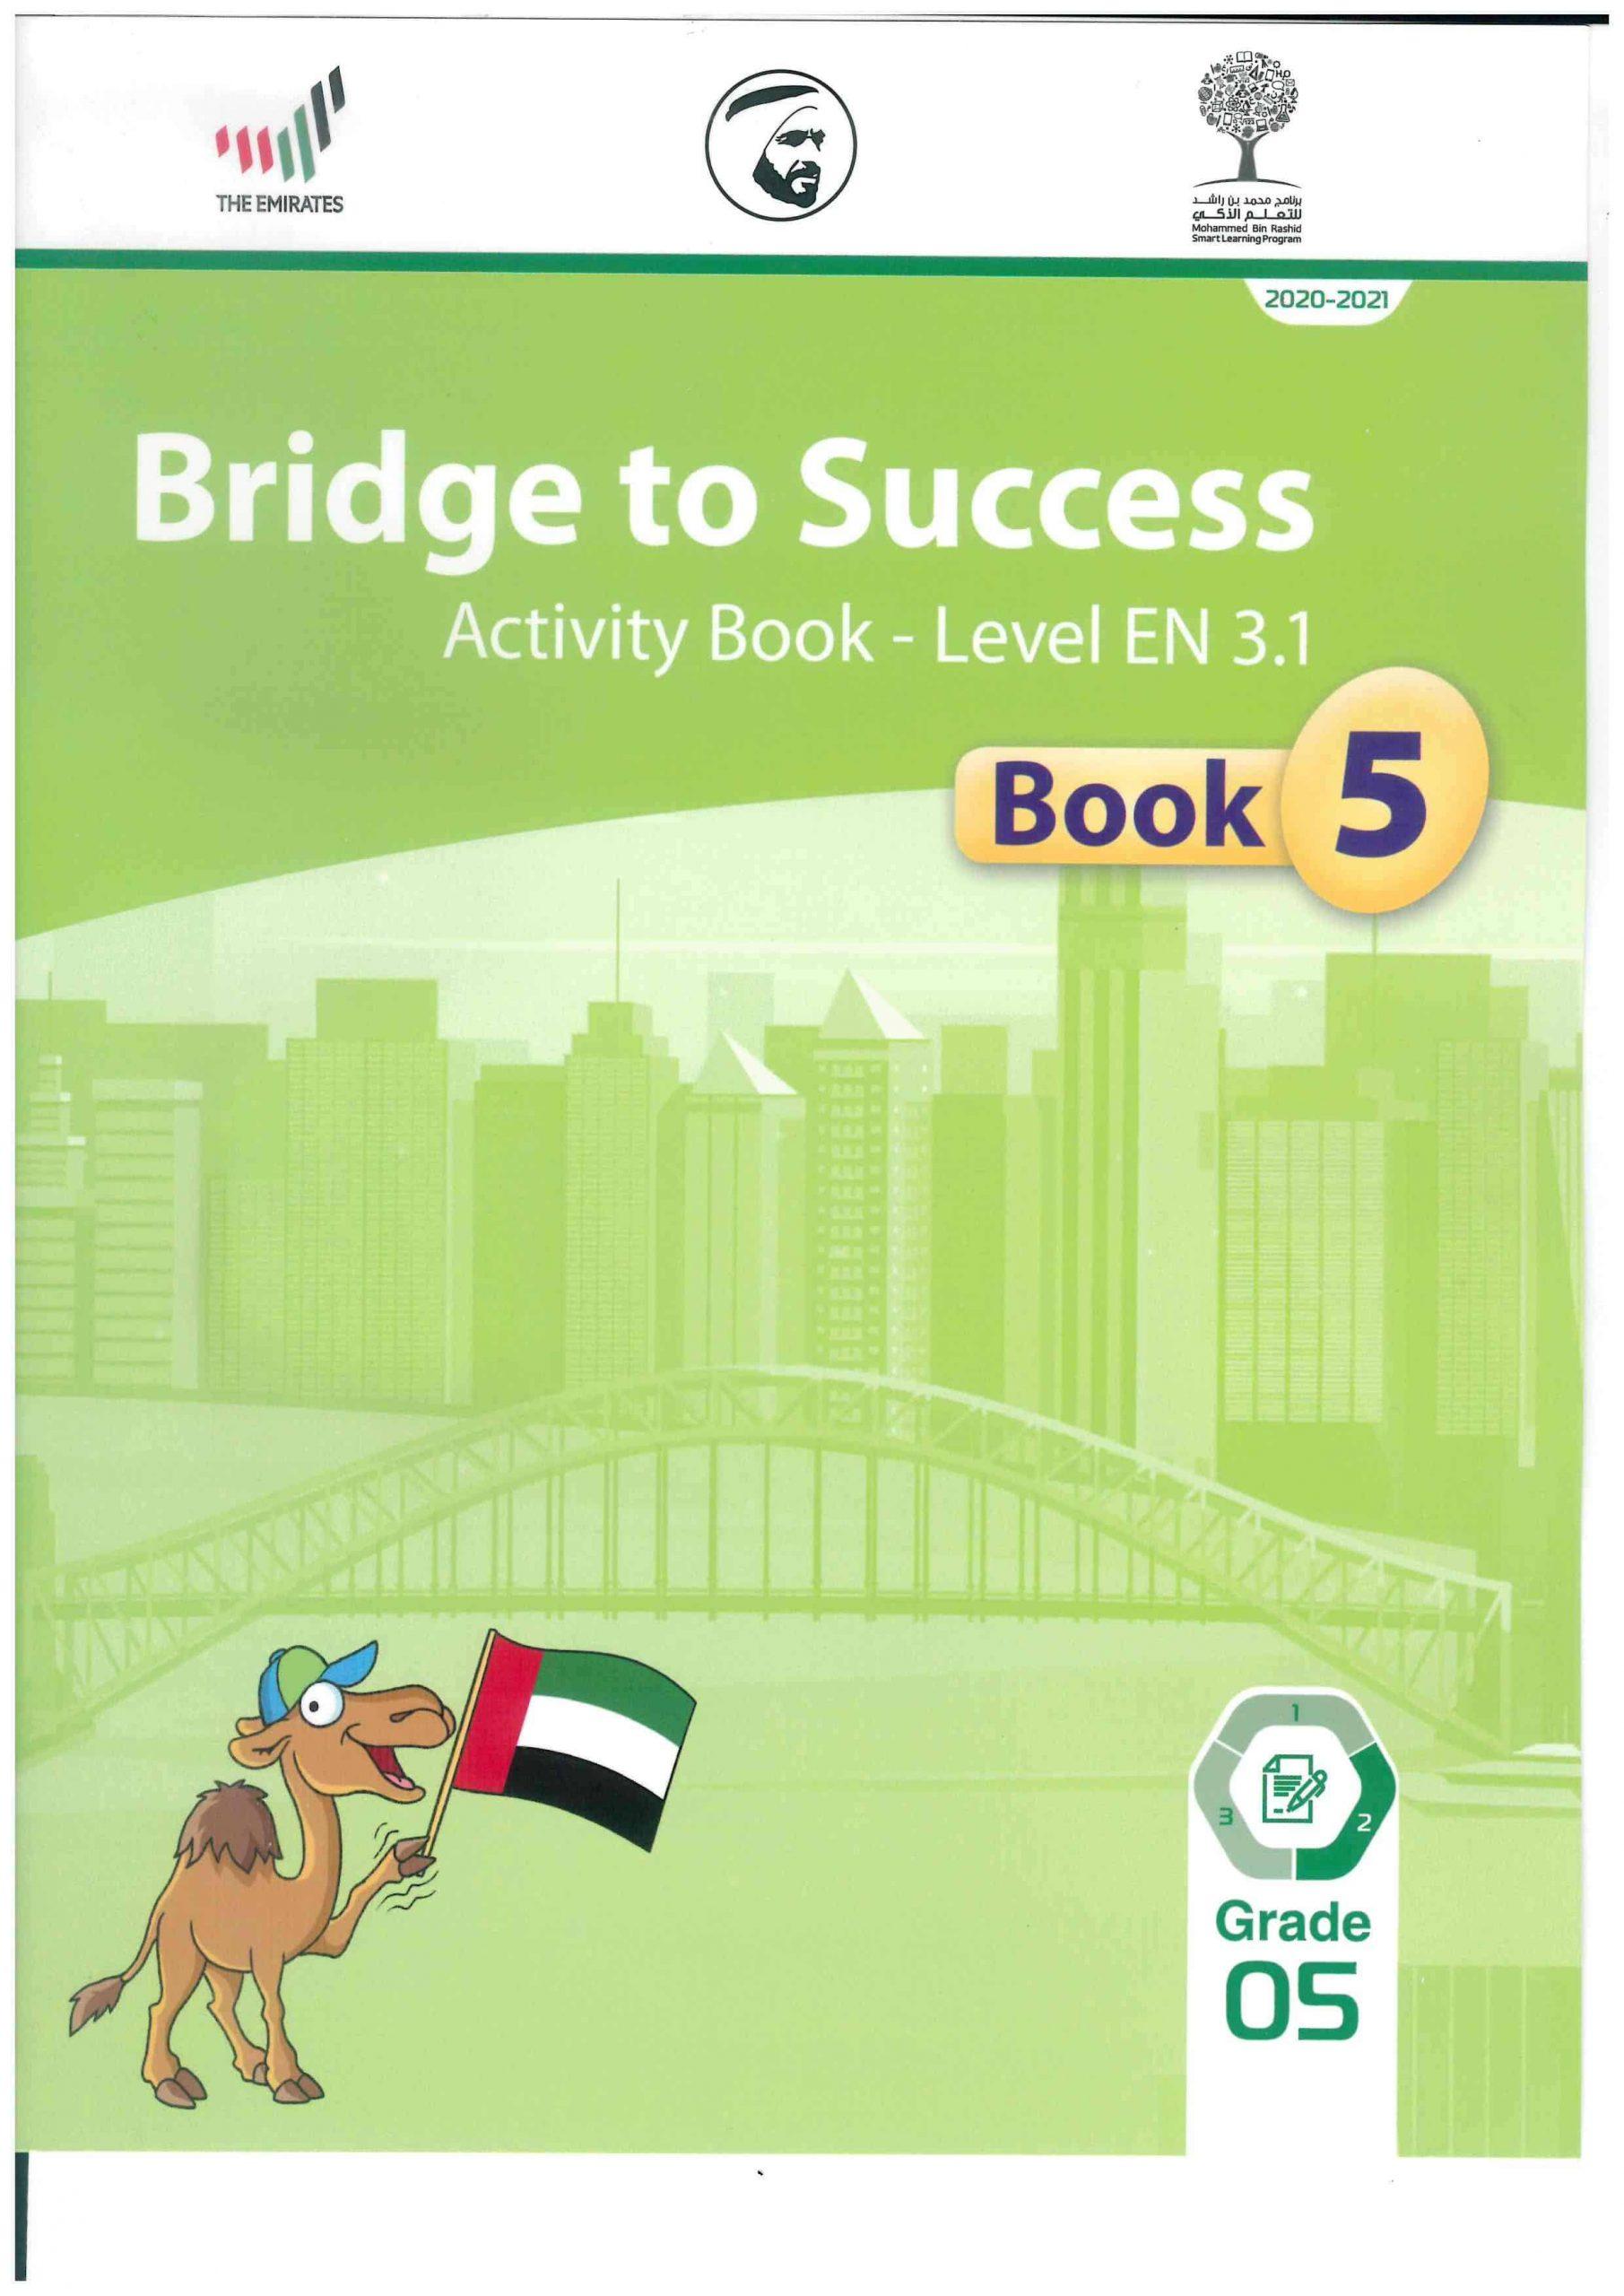 كتاب الطالب activity book الفصل الدراسي الثاني 2020-2021 الصف الخامس مادة اللغة الانجليزية